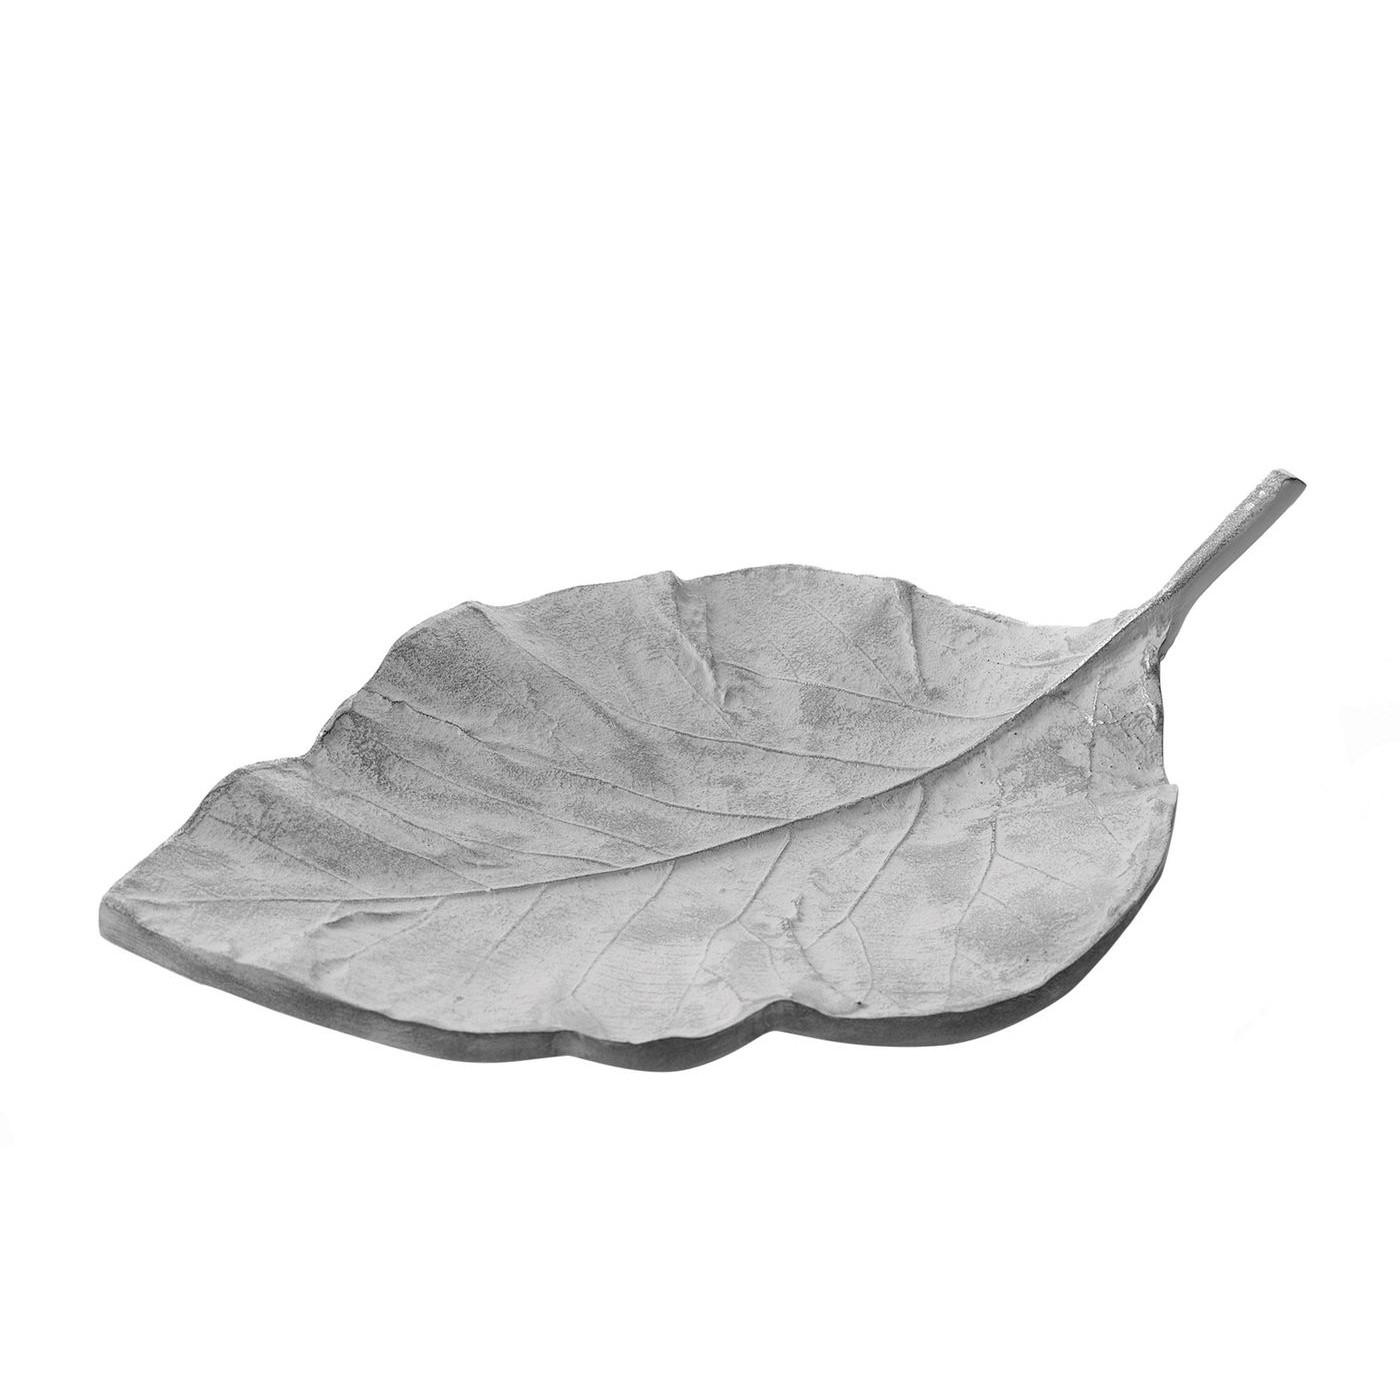 Patera ceramiczna liść 41 x 11 x 26 cm